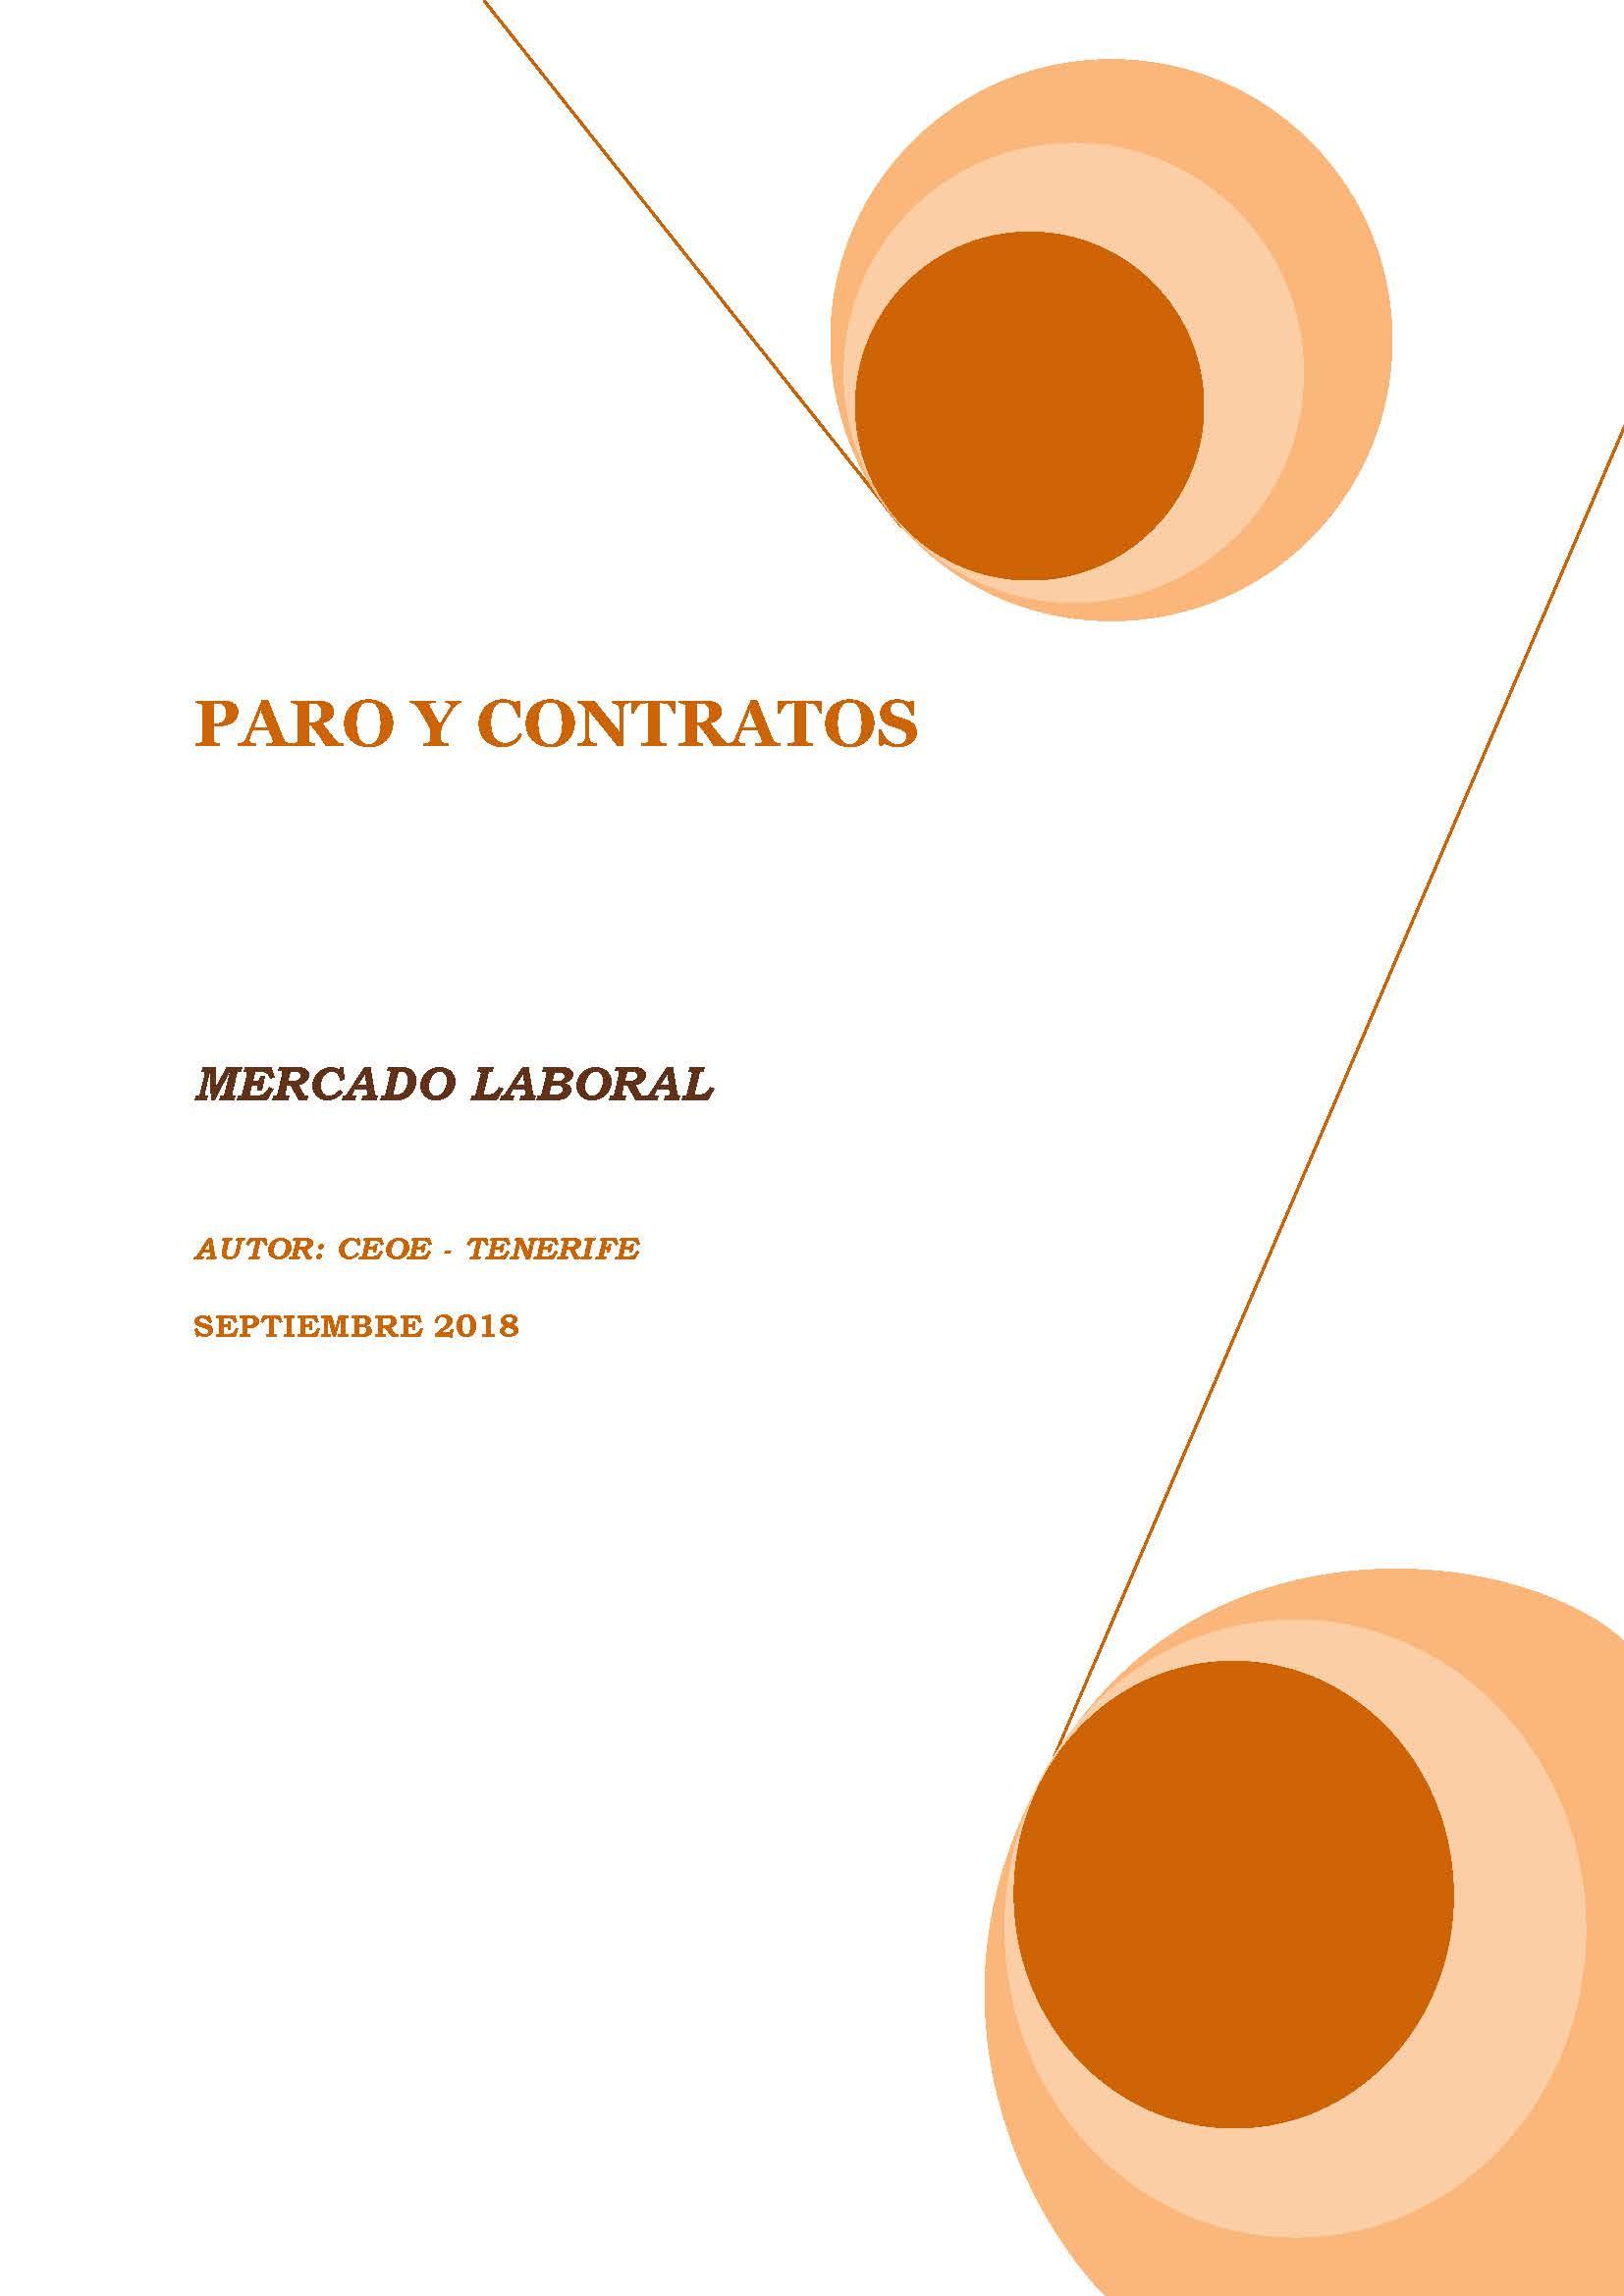 MERCADO LABORAL - PARO Y CONTRATOS SEPTIEMBRE 2018